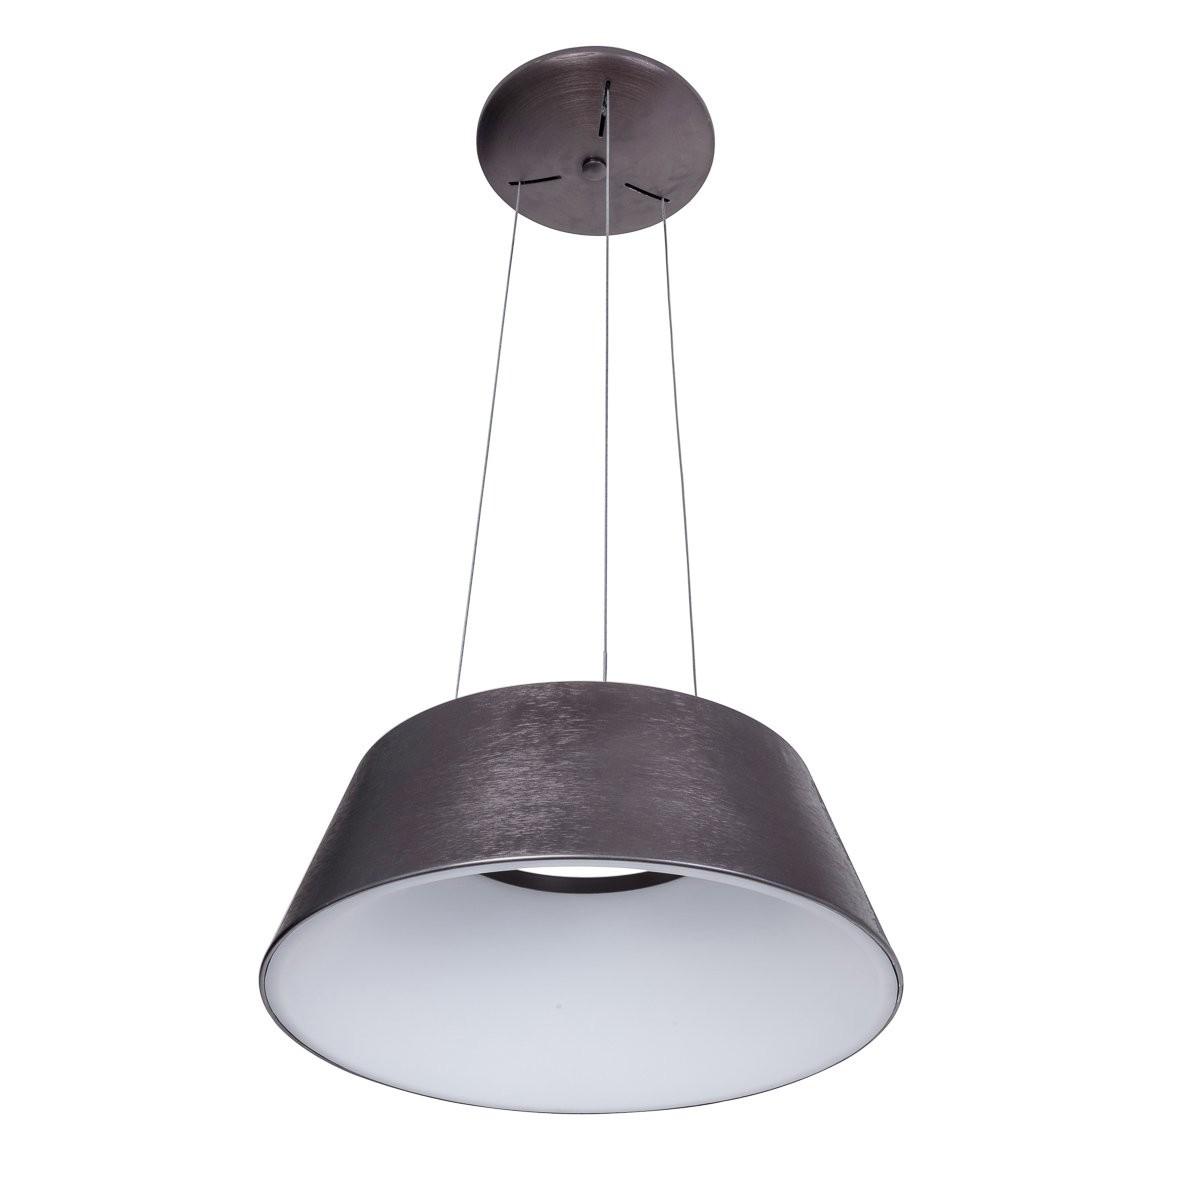 Italux 5356-840RP-BC-3 LED závěsné stropní svítidlo Lunga1x40W | 2200lm | 3000K - kávová, bílá